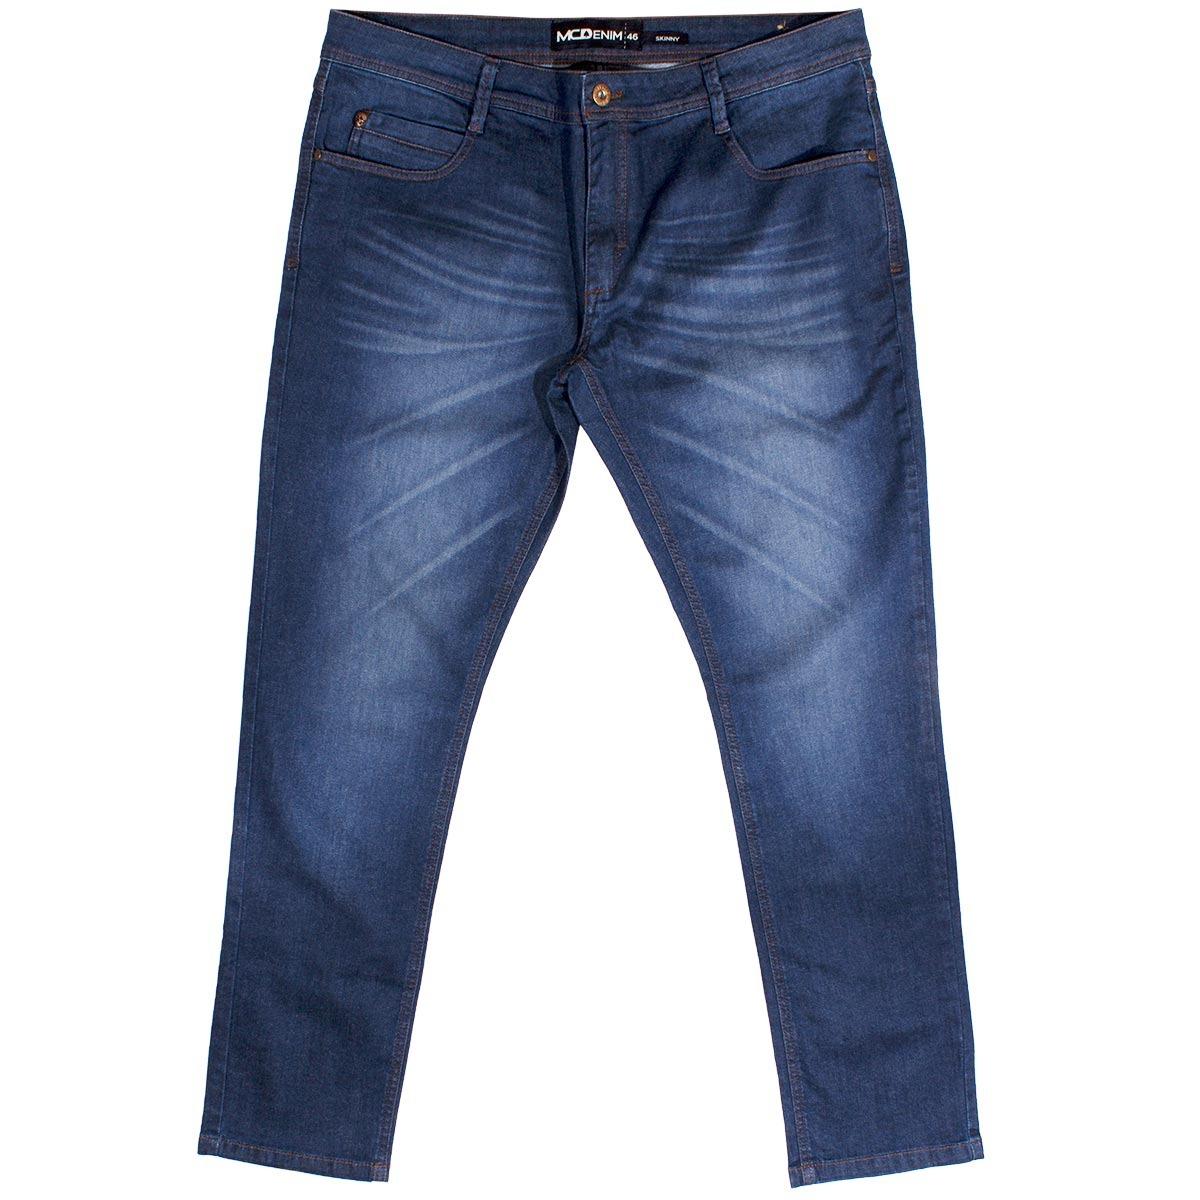 calça mcd jeans the law - azul. Carregando zoom. 071d7b31e41